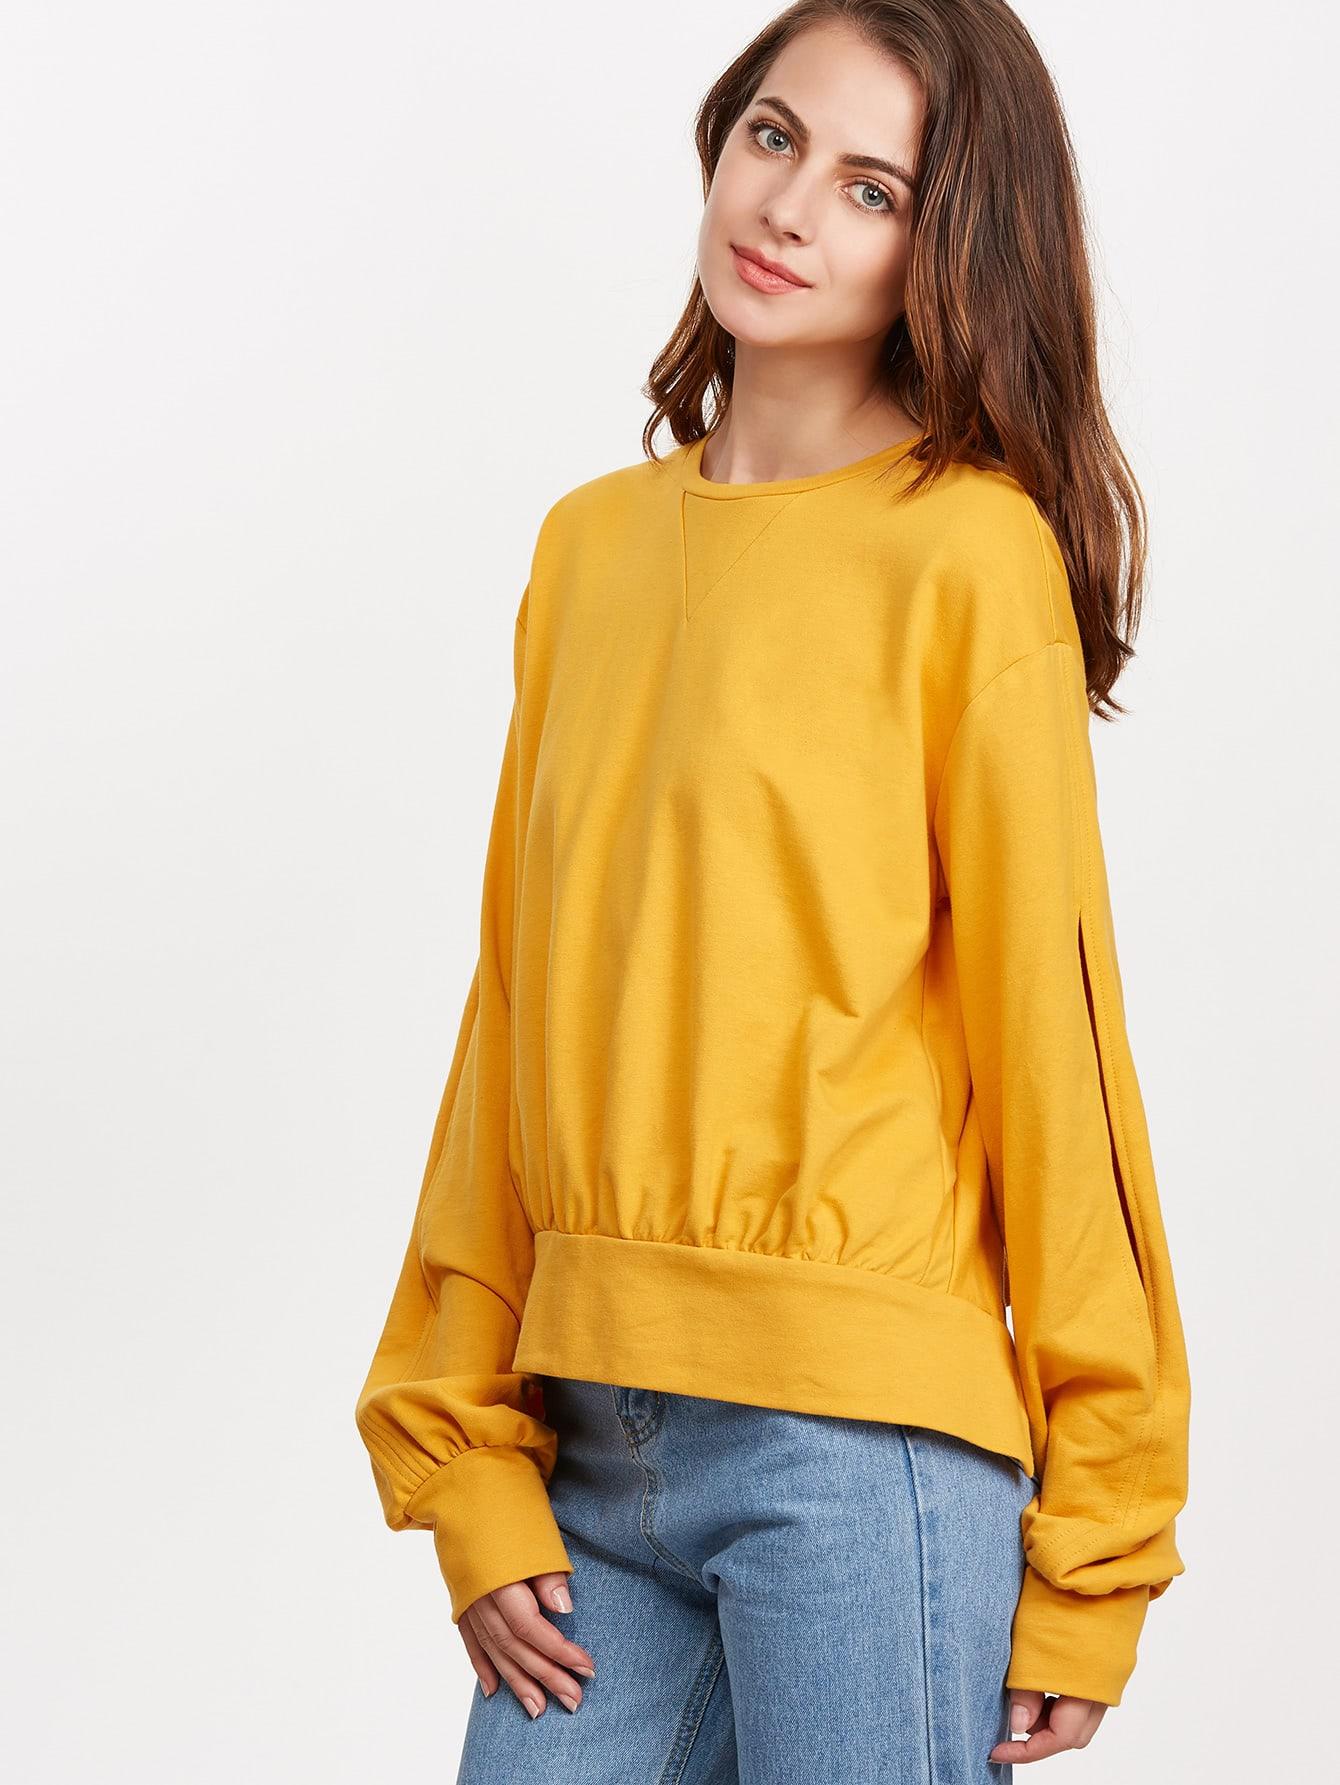 sweatshirt161123703_2